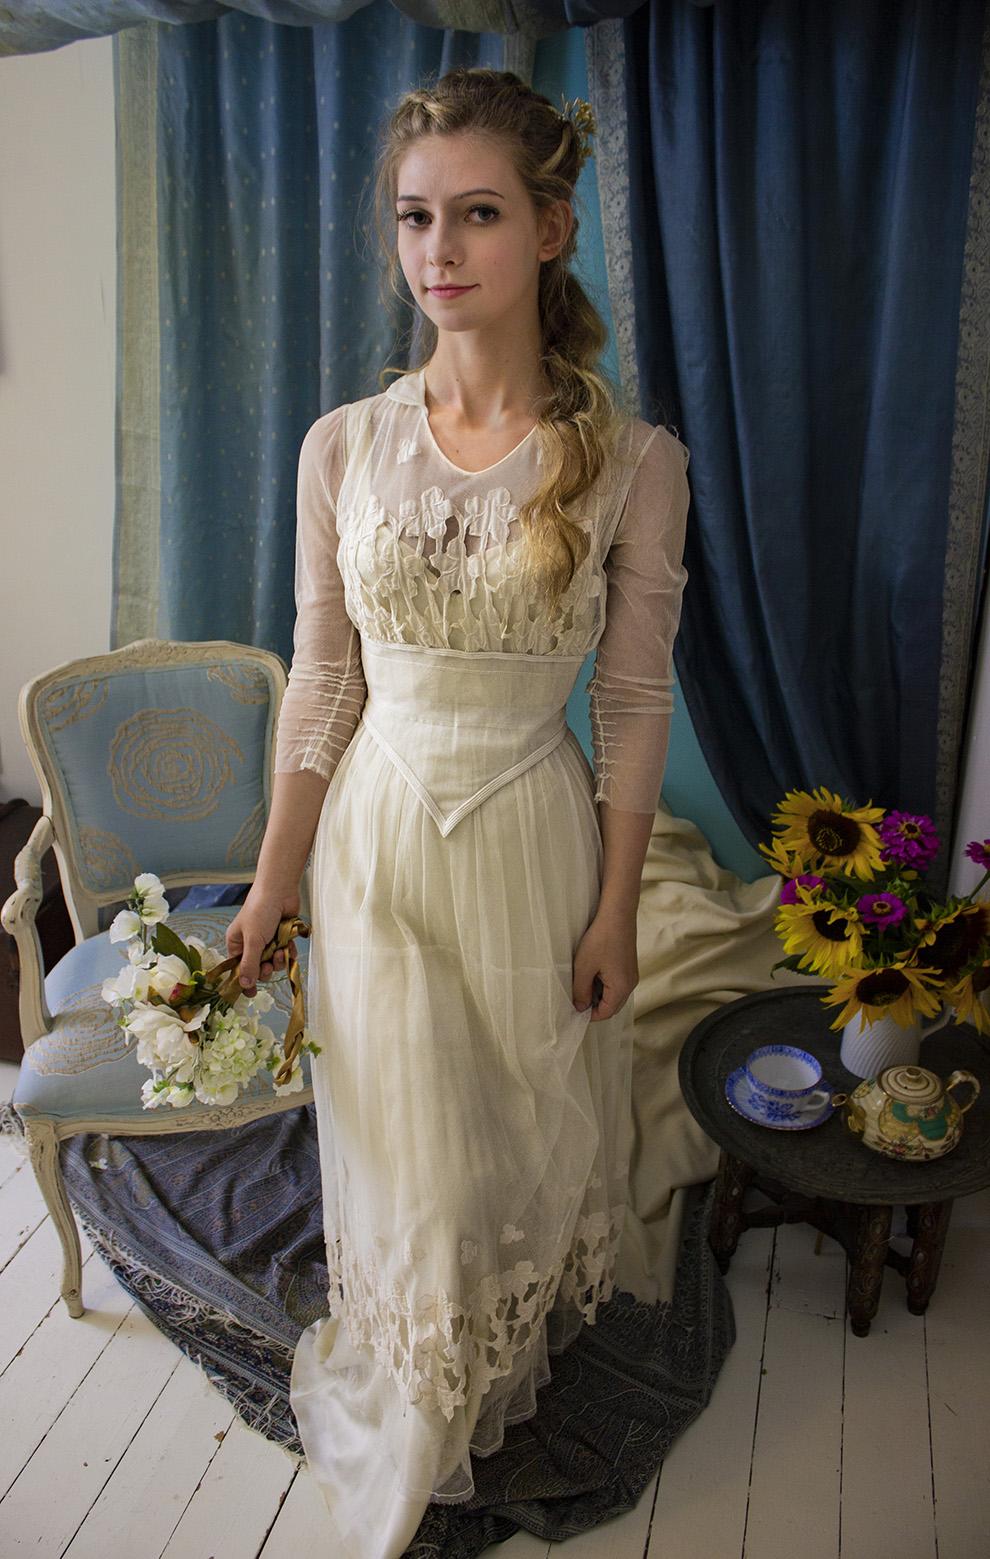 edwardian wedding dresses for sale off 18   medpharmres.com